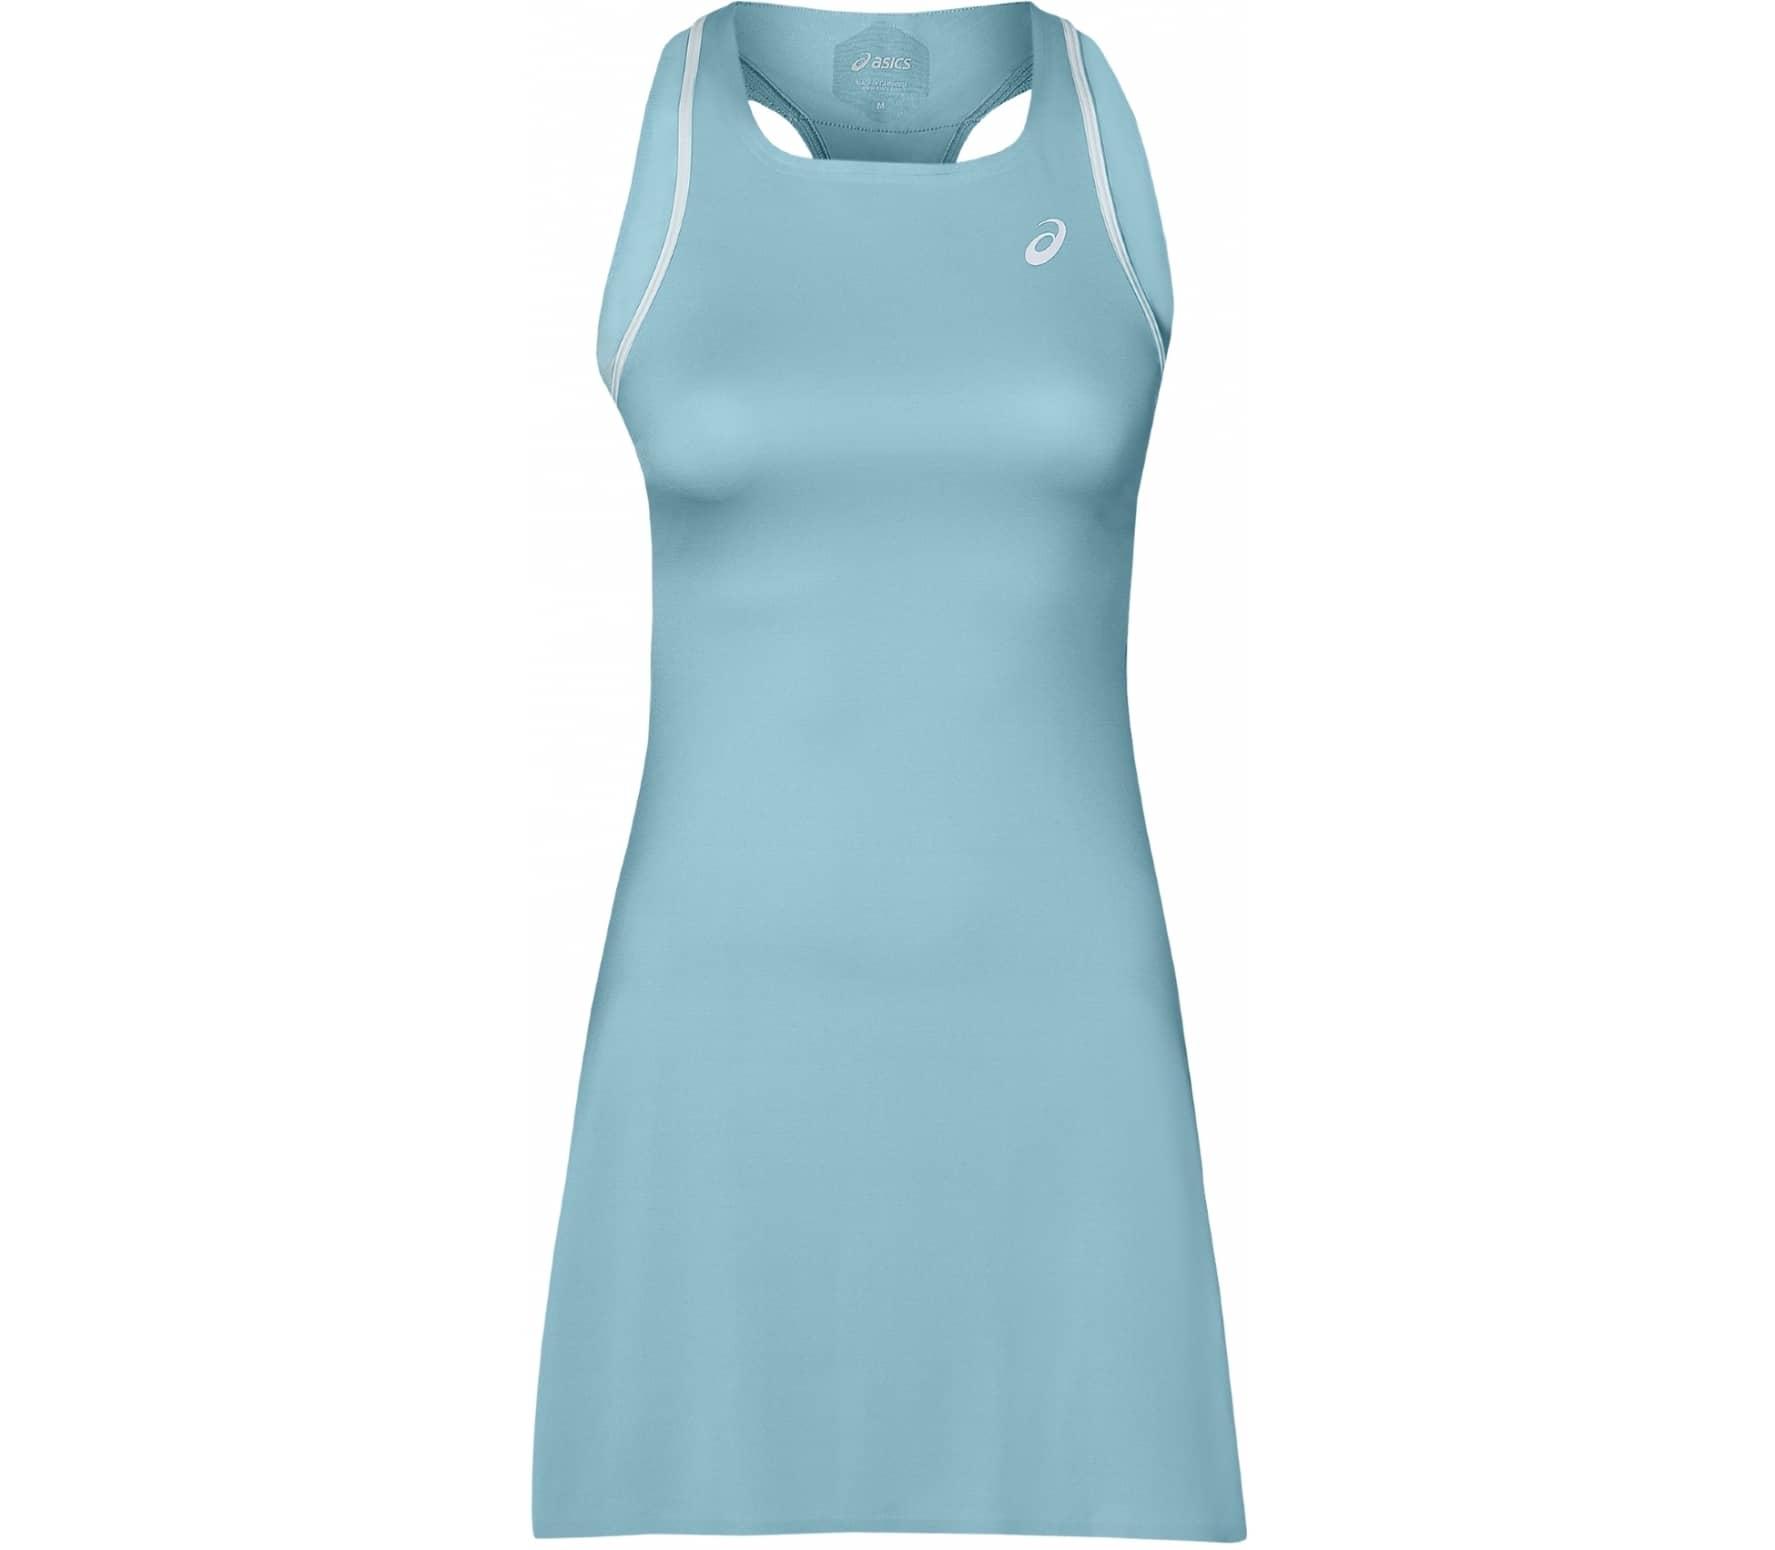 ASICS Gel-Cool Dam Tennisklänning turkos